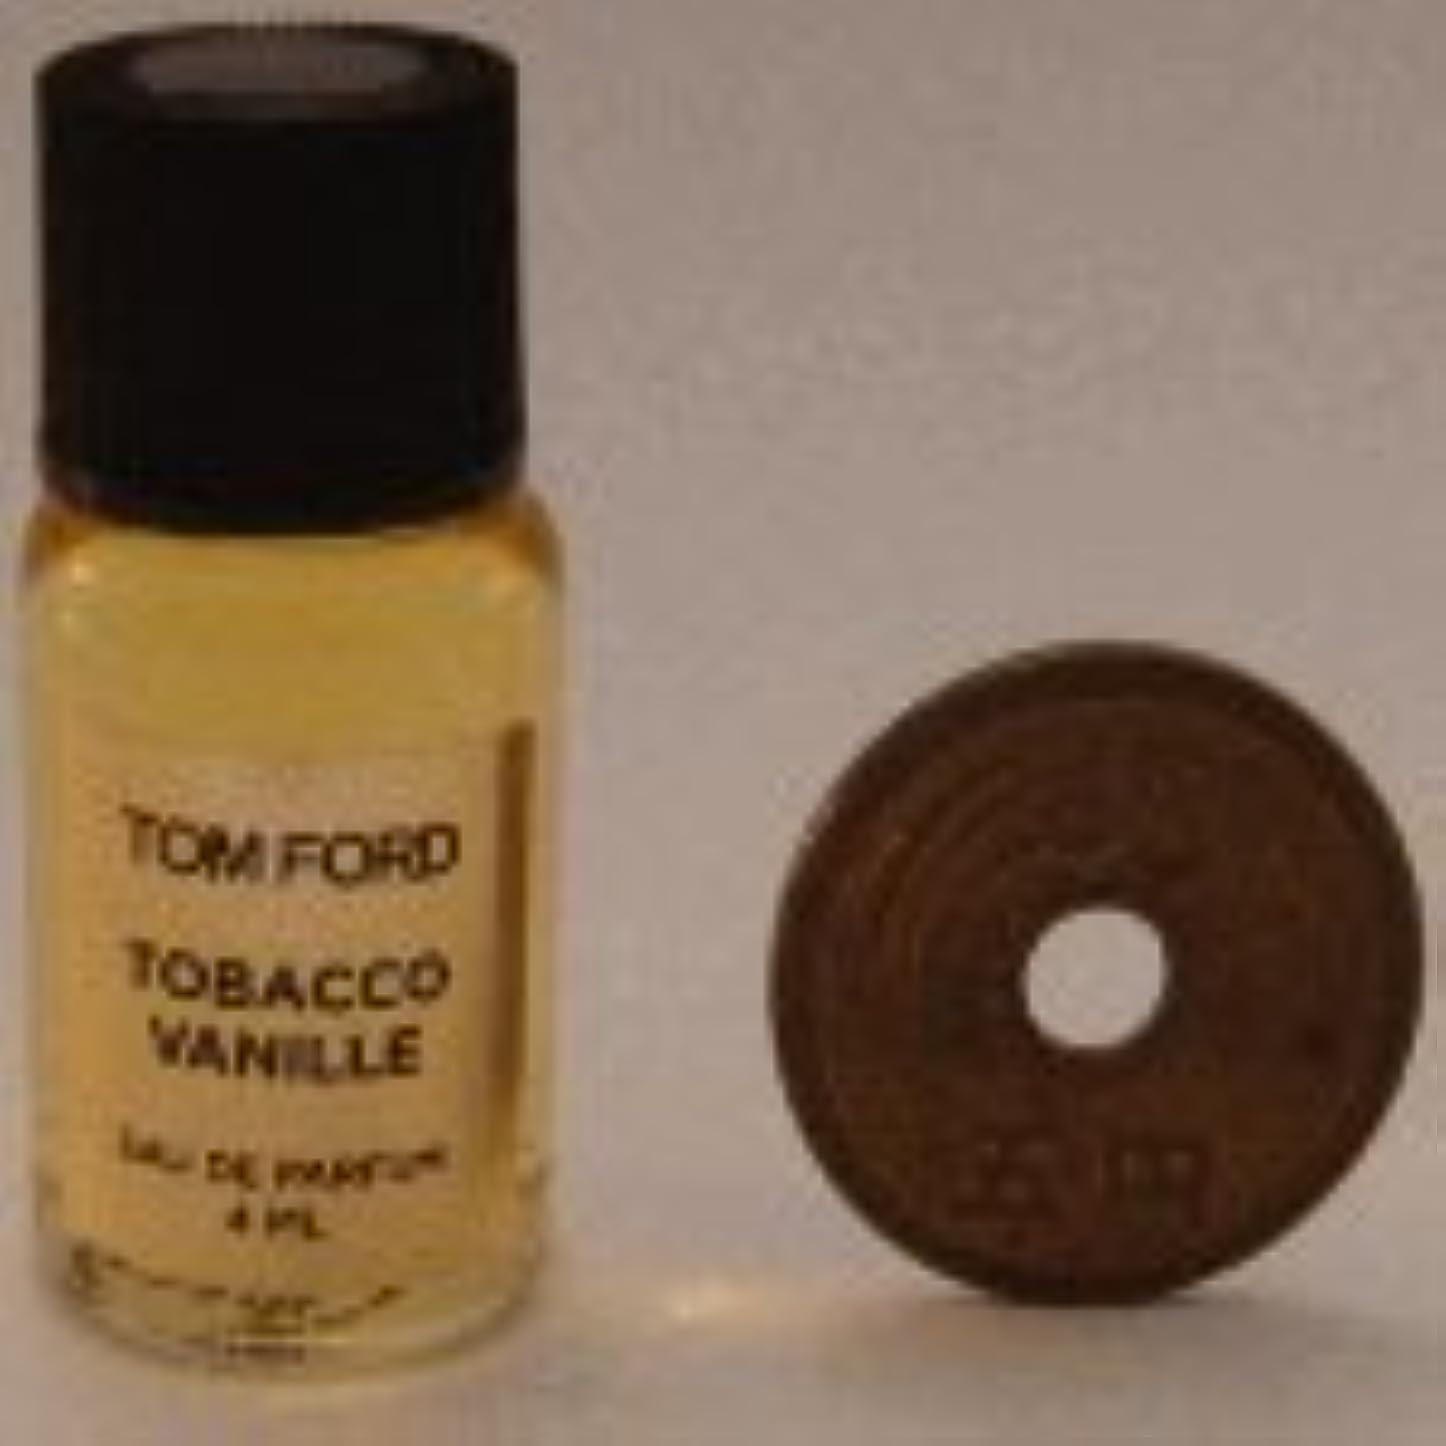 抜け目のない補う台風Tom Ford Private Blend 'Tobacco Vanille' (トムフォード プライベートブレンド タバコバニラ) 4ml EDP ミニボトル (手詰めサンプル)